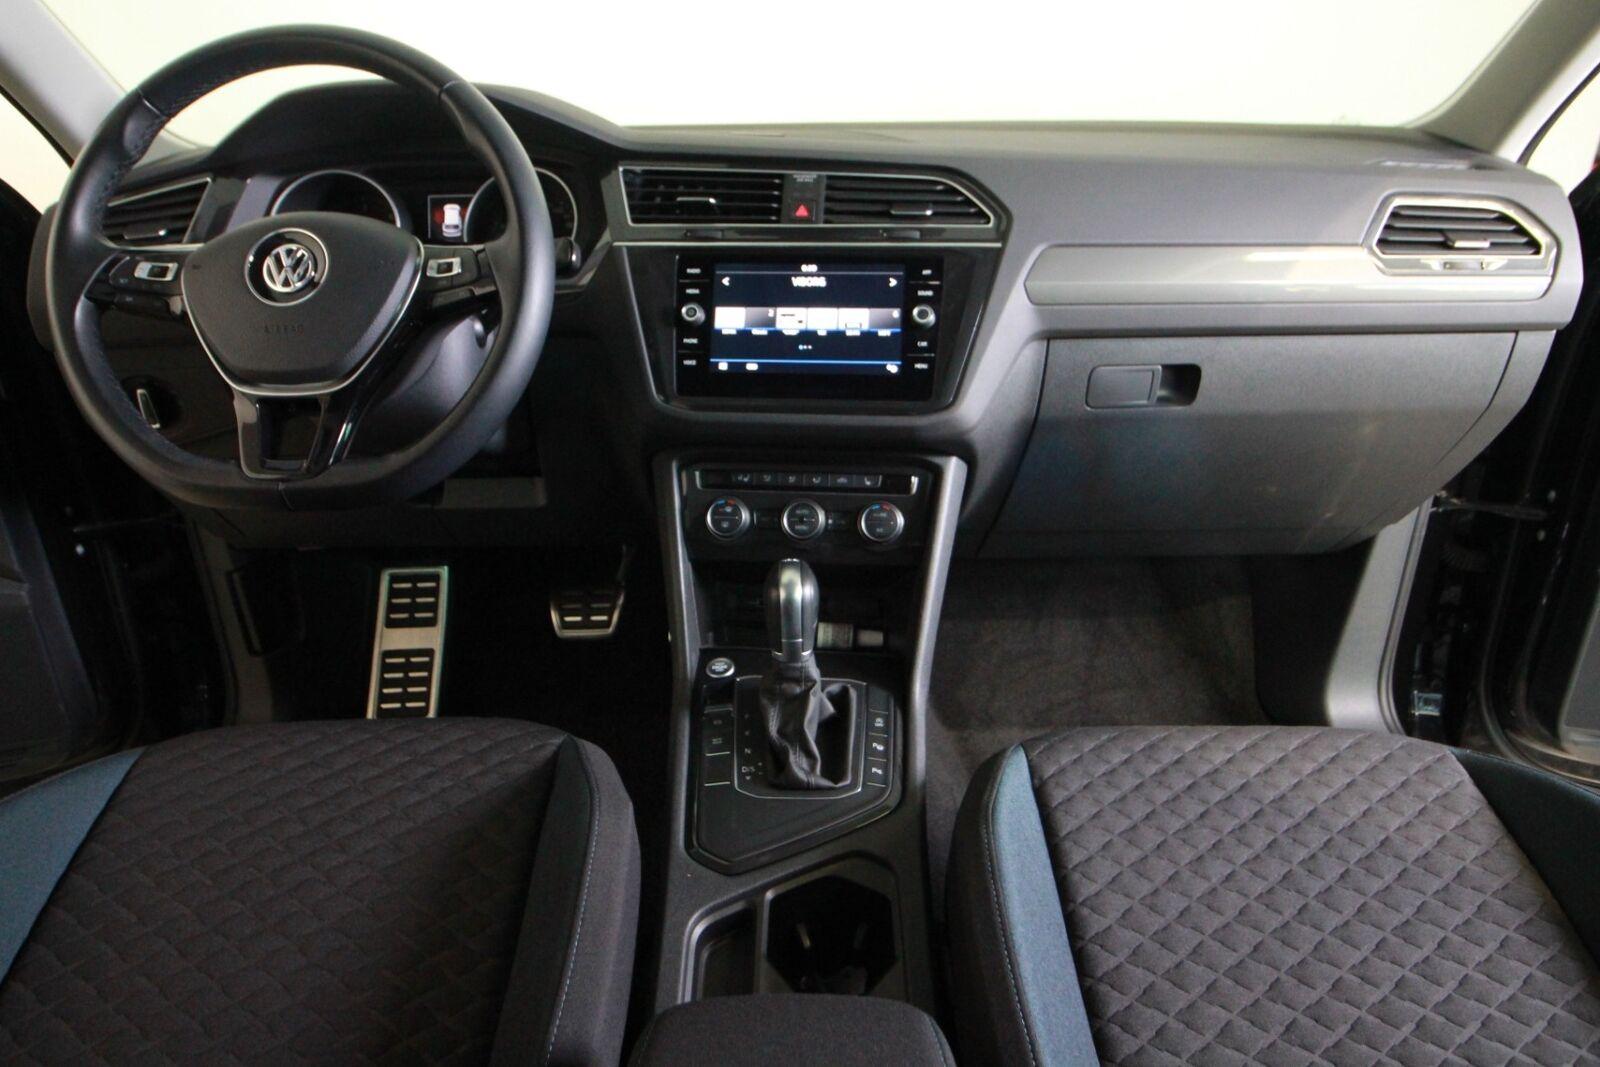 VW Tiguan TDi 150 IQ.Drive DSG